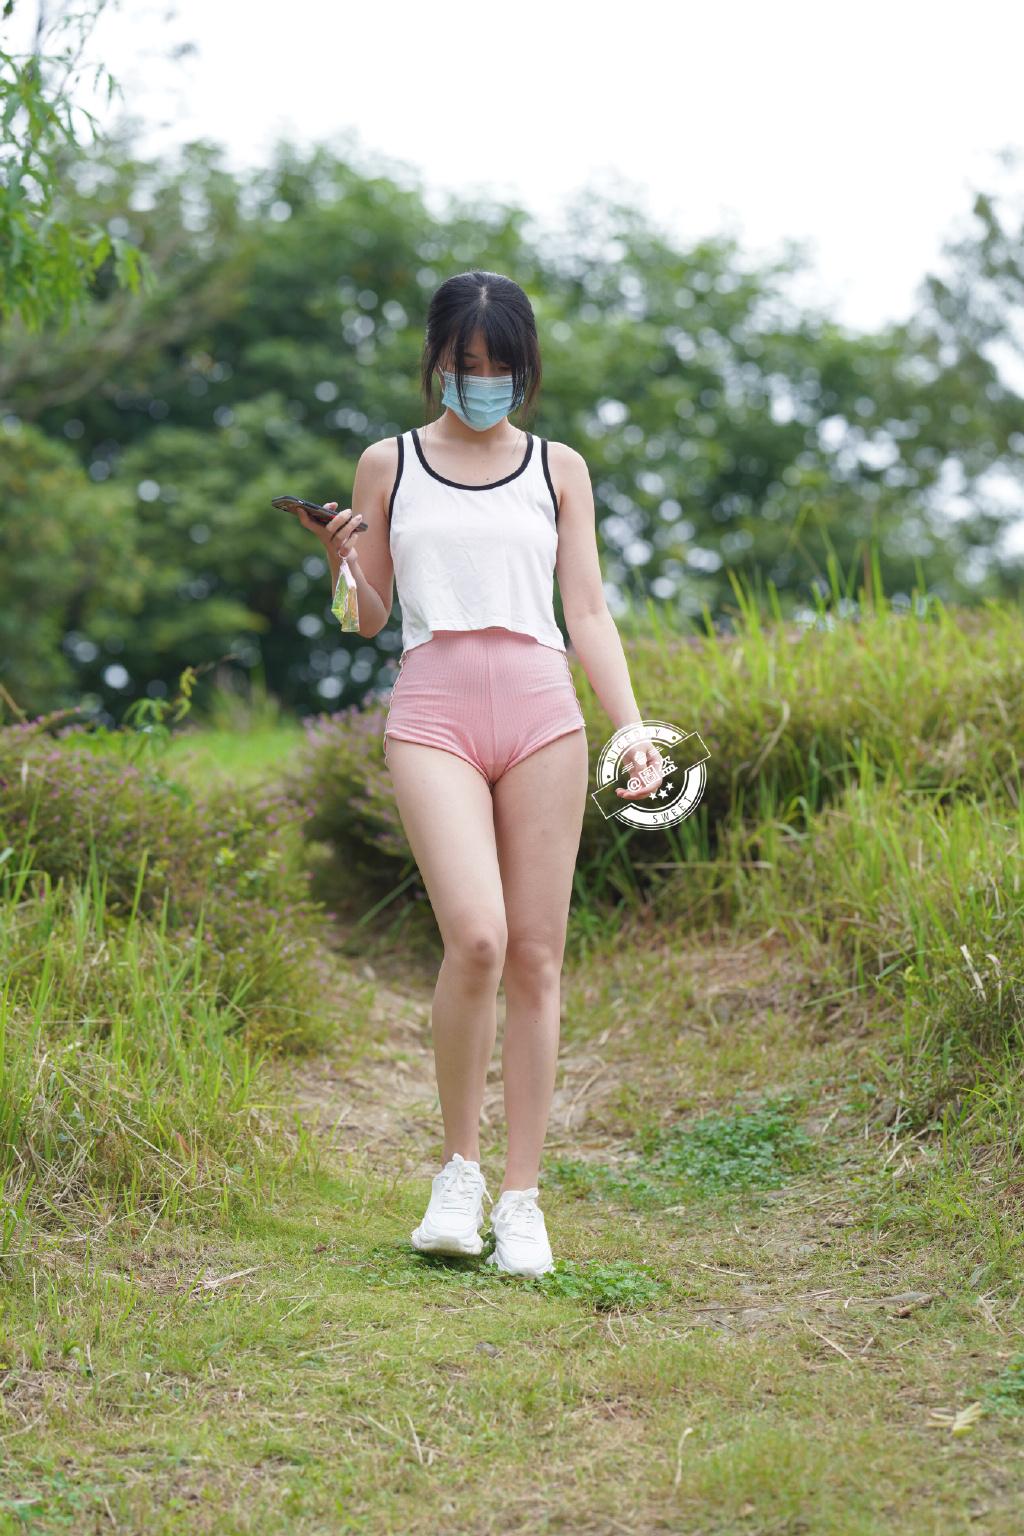 这连体式露背装特别漂亮 网络美女 第5张